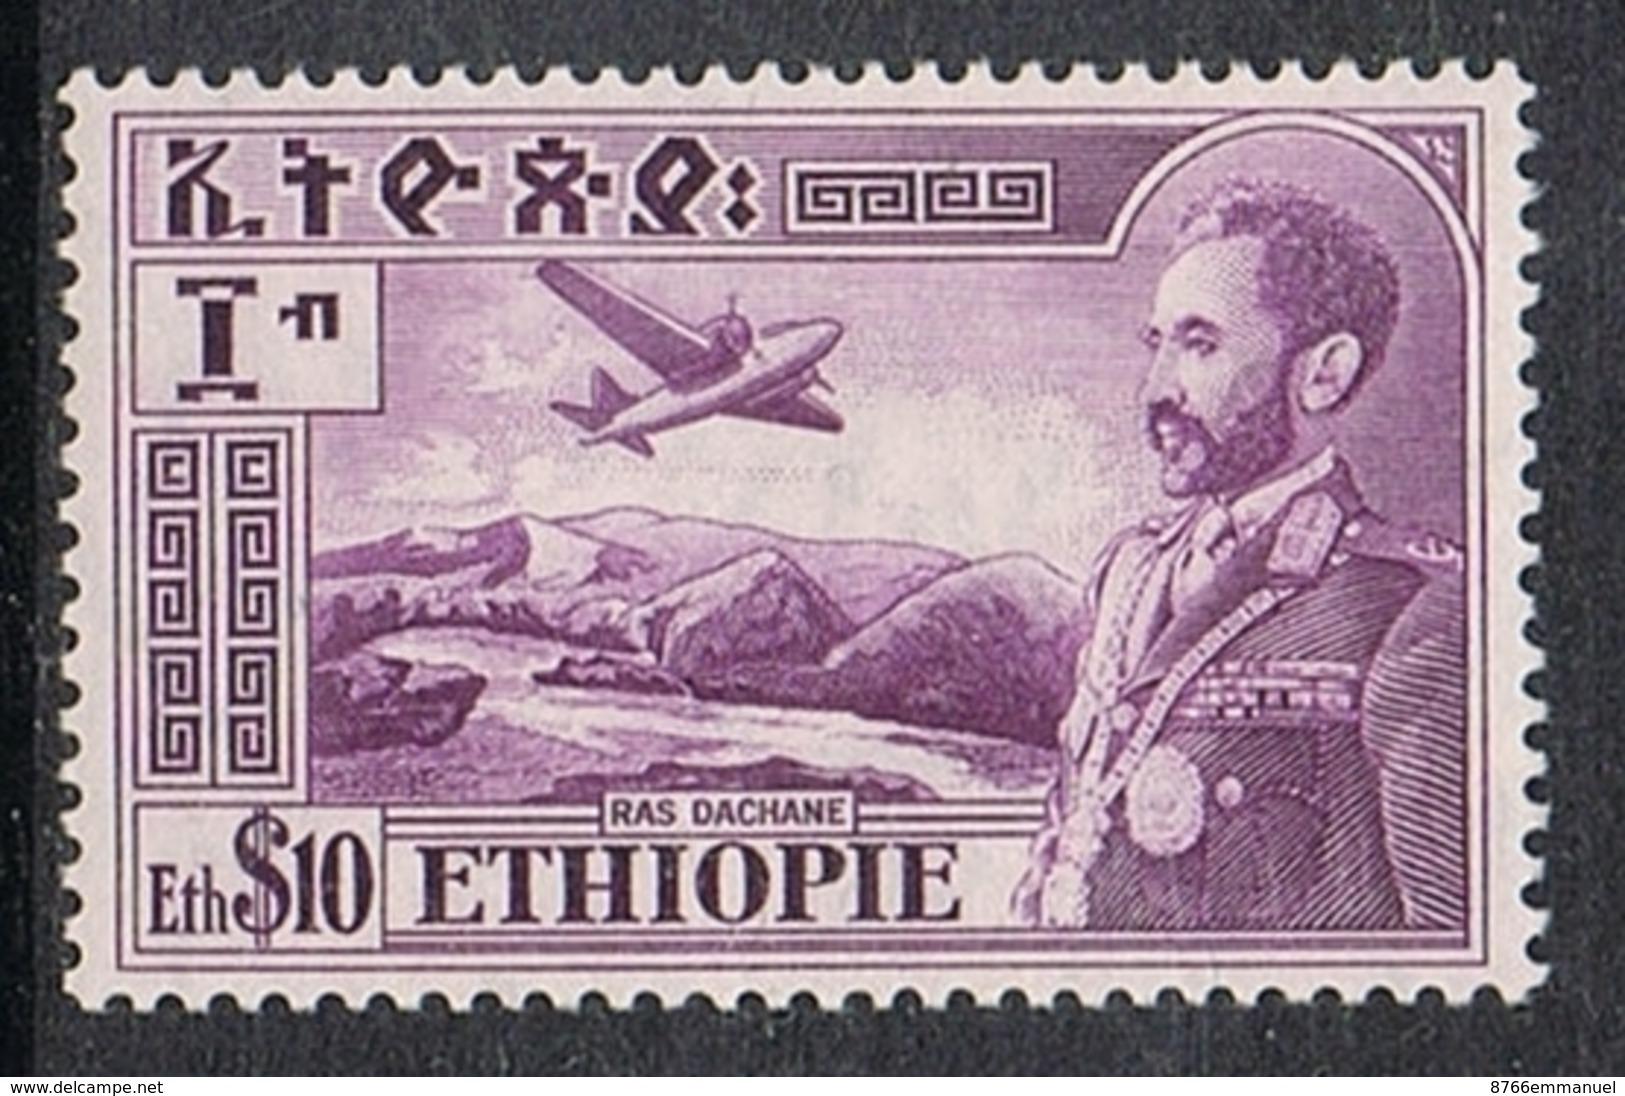 ETHIOPIE AERIEN N°30 N** - Ethiopie